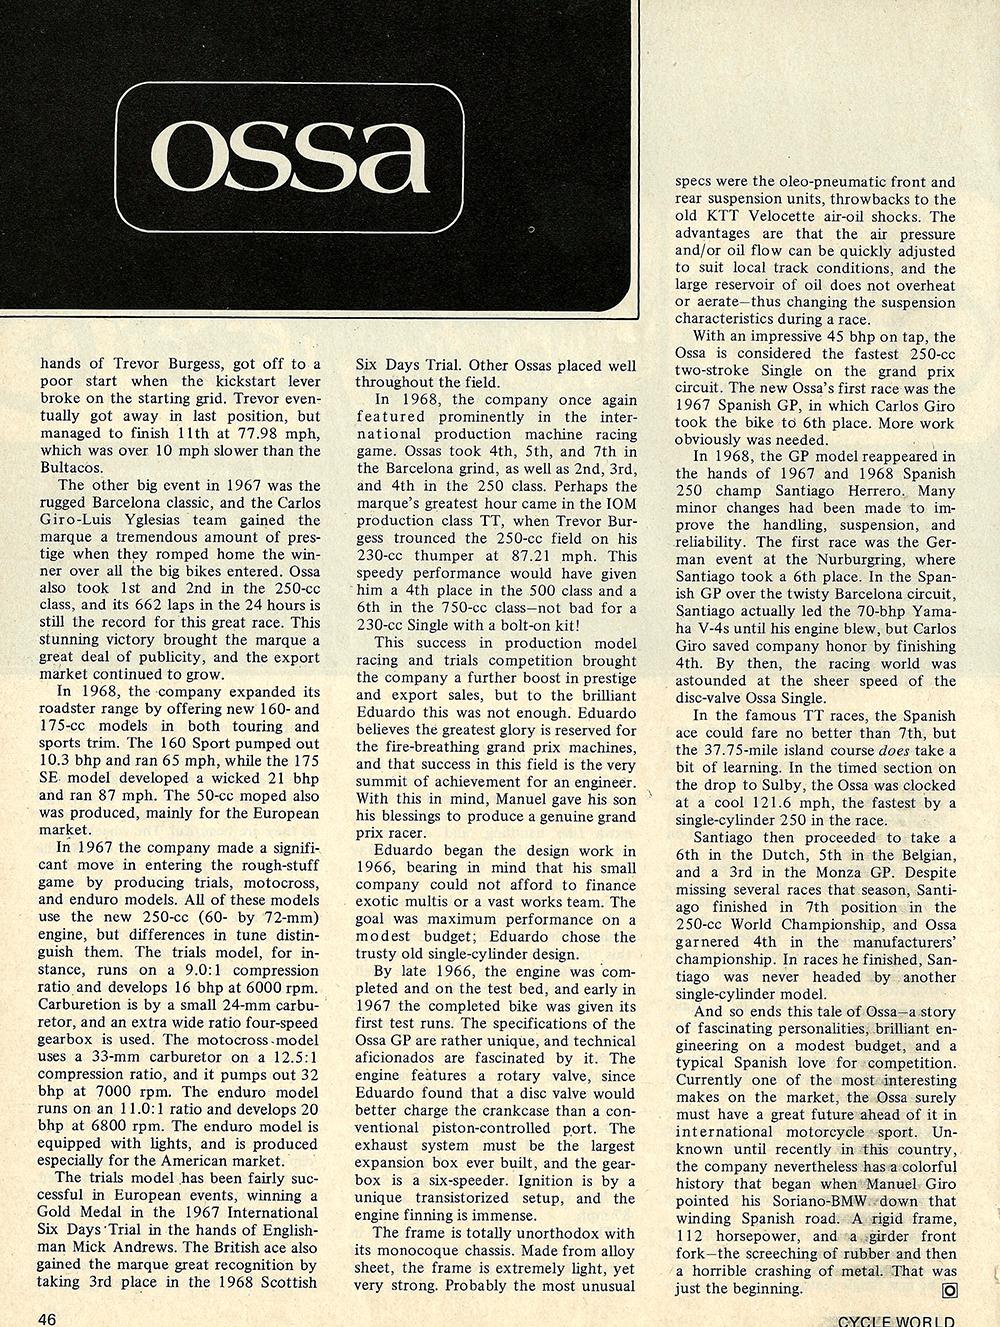 History of Ossa 05.jpg